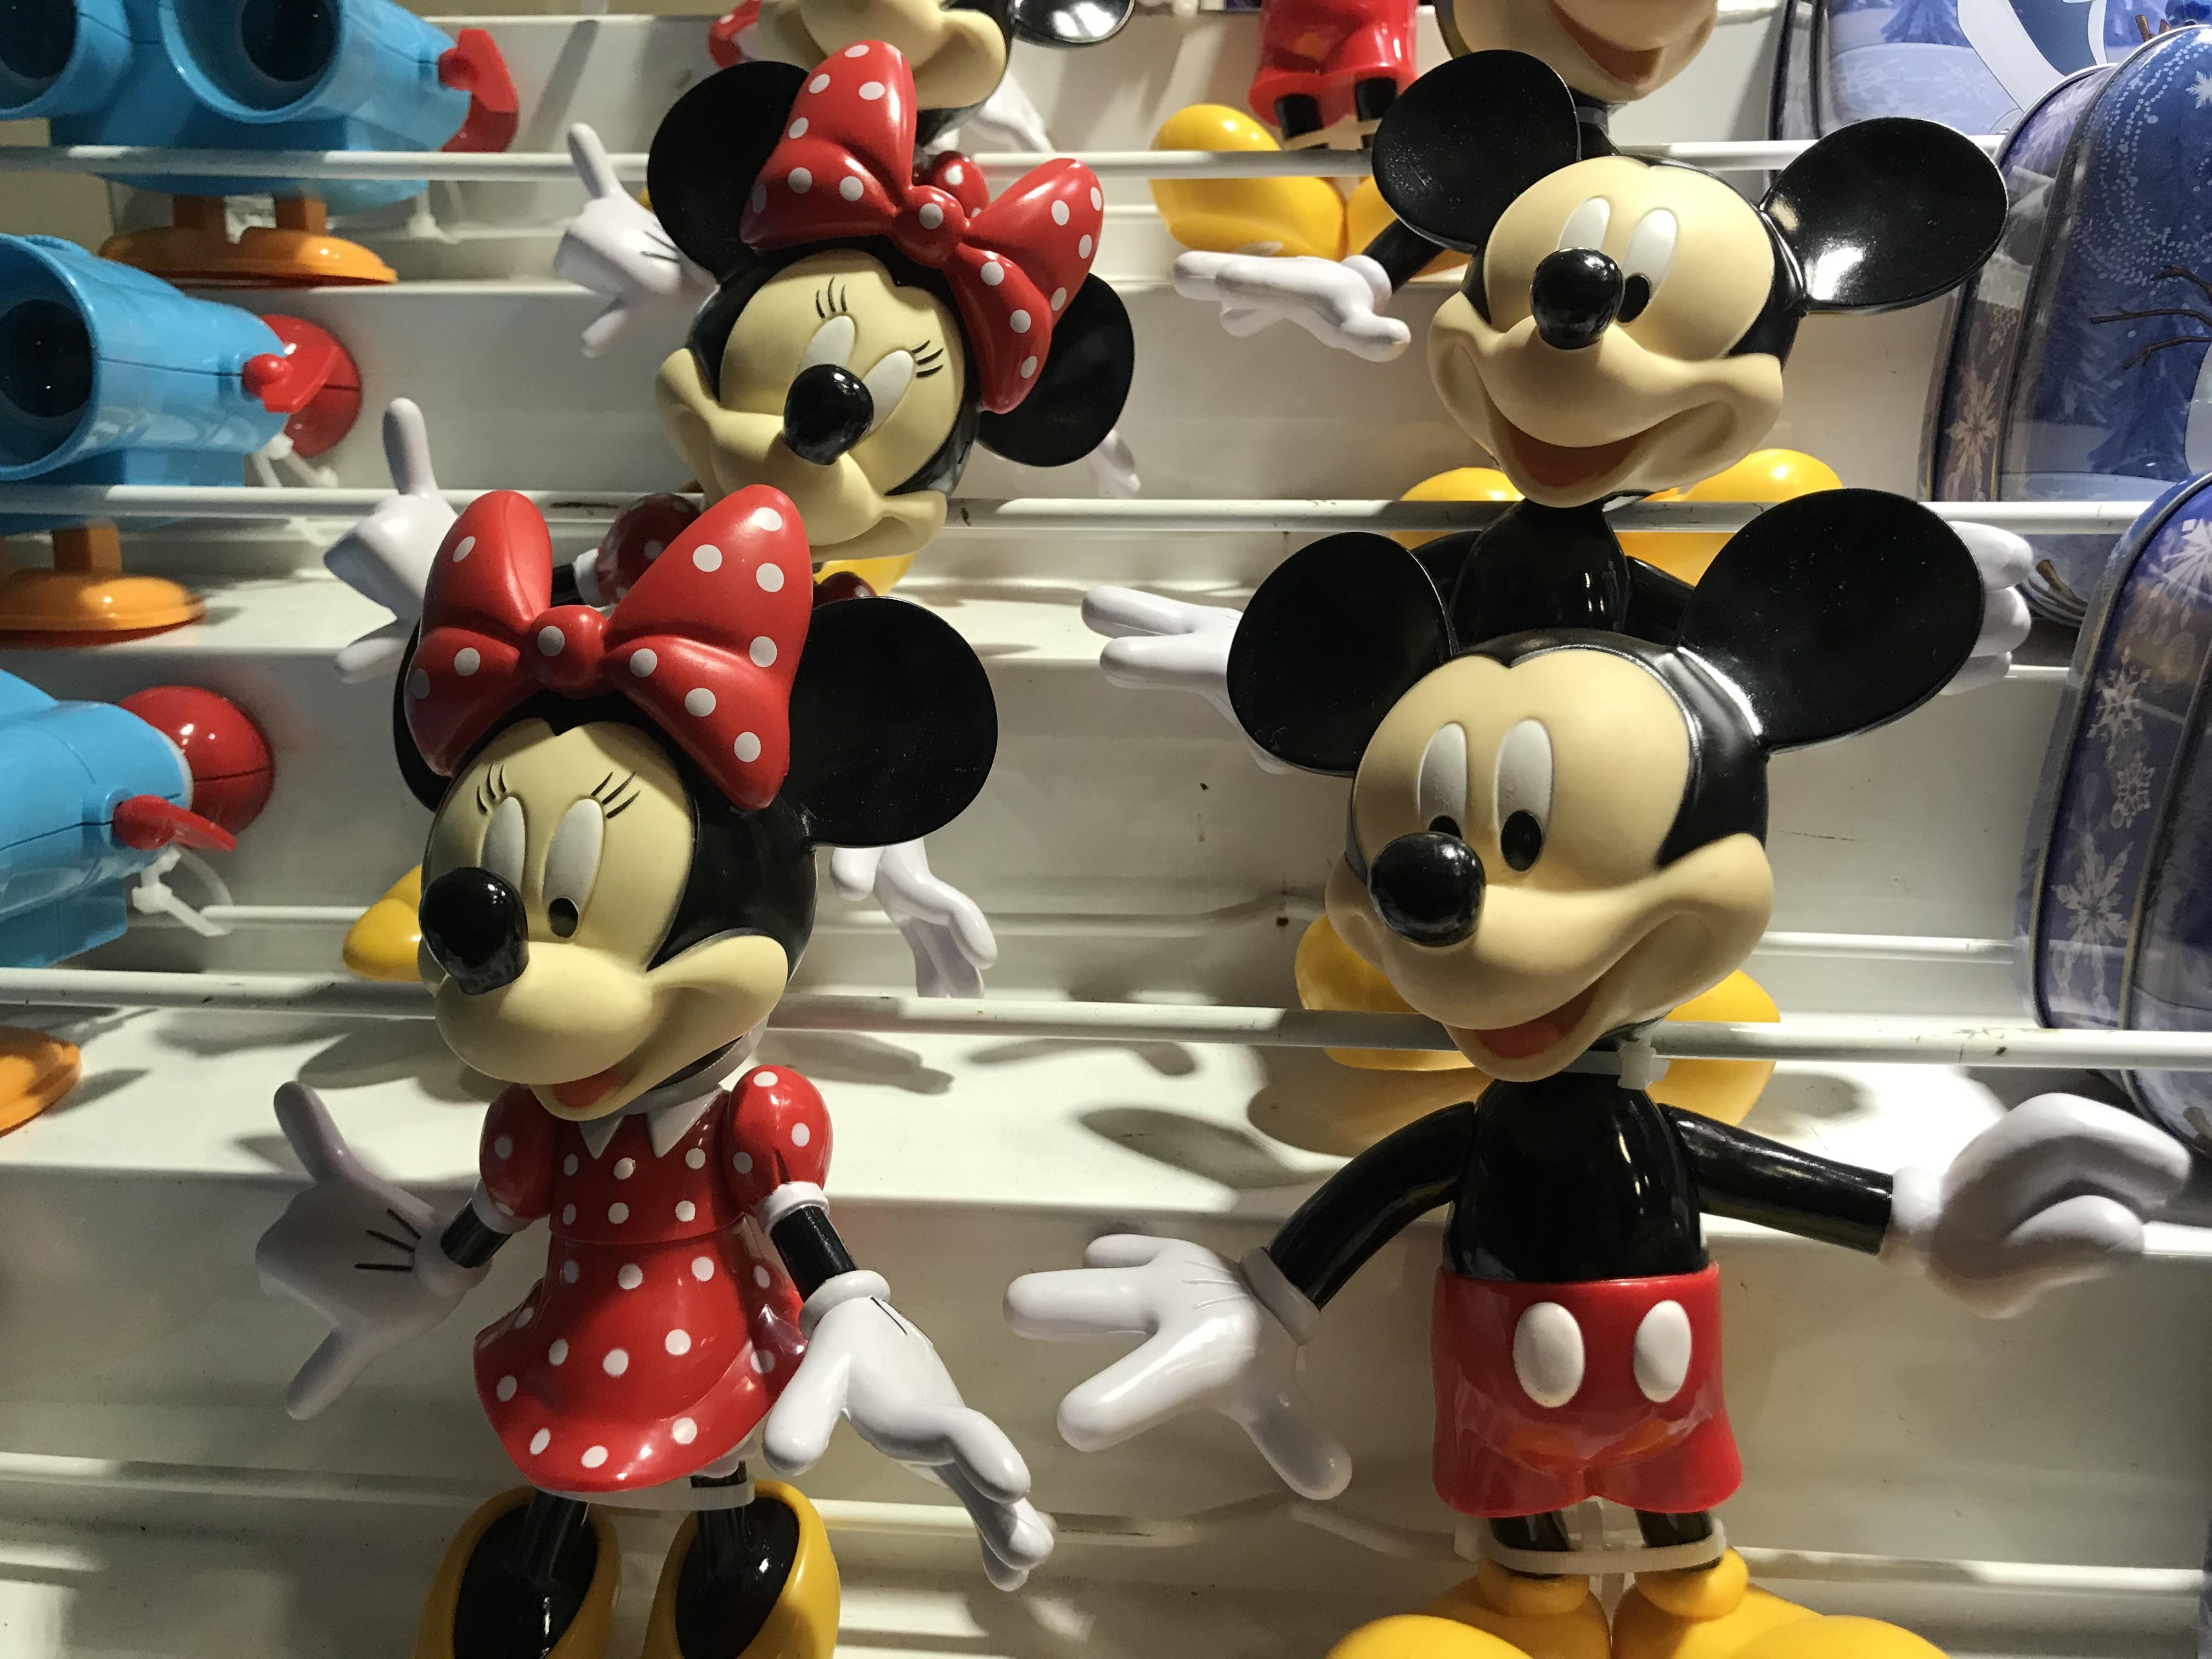 Disney On Ice celebra sus 100 años en Medellín - Imagen 2